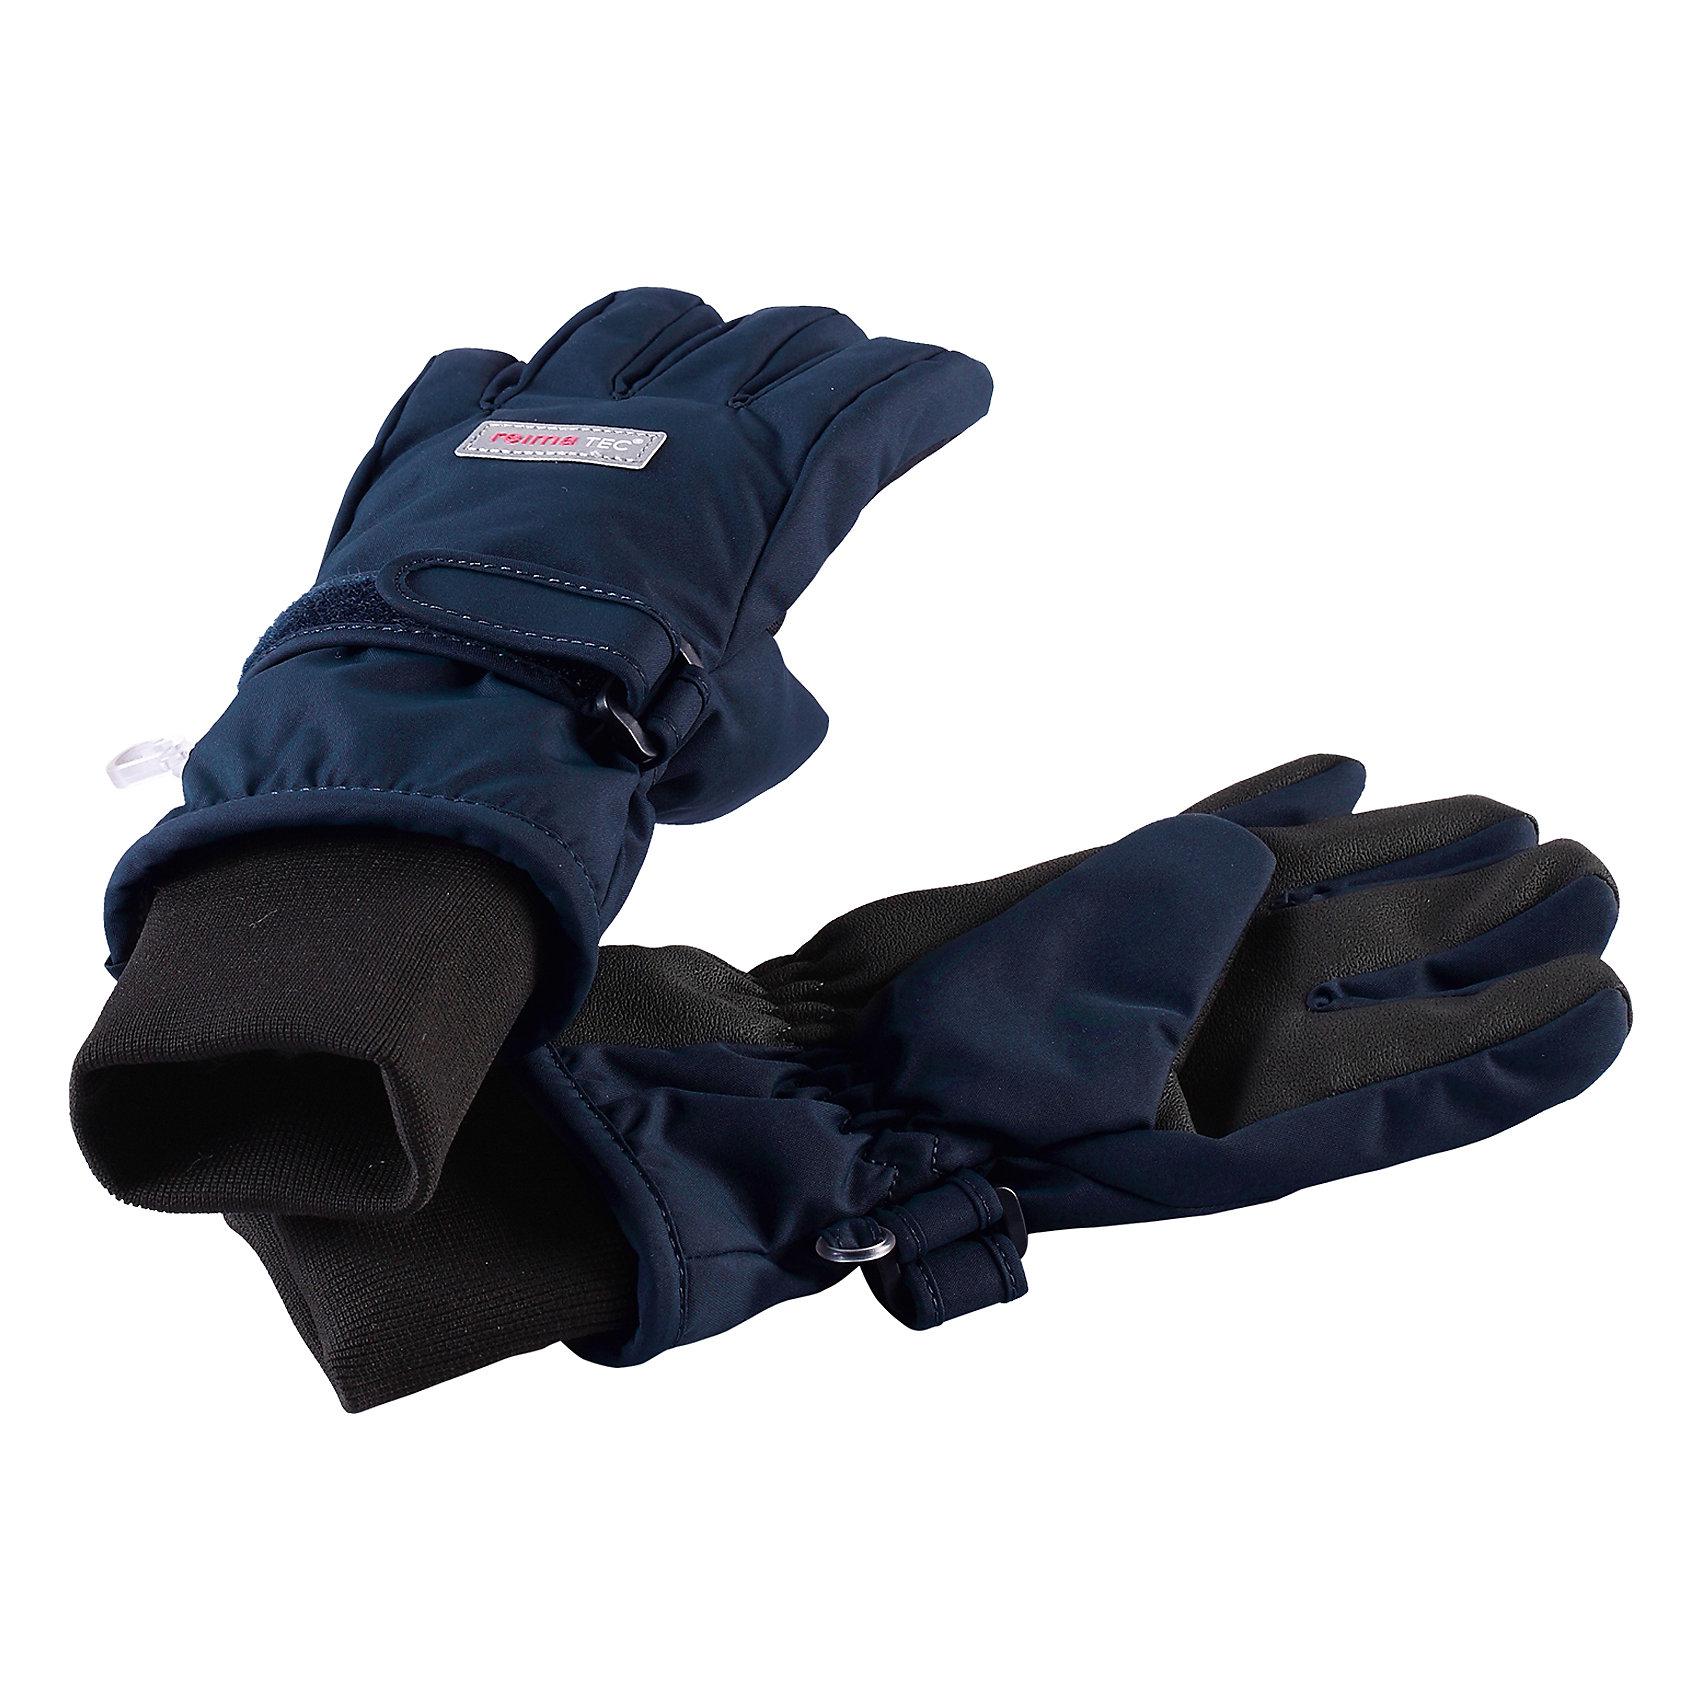 Перчатки Pivo Reimatec® ReimaПерчатки, варежки<br>Абсолютно водонепроницаемые, дышащие и эластичные перчатки для малышей и детей постарше. Благодаря водонепроницаемому материалу и специальной вставке Hipora эти перчатки не пропустят вовнутрь ни воду, ни сырость. Ветронепроницаемый материал, из которого они изготовлены, невероятно прочный и простой в уходе: эти перчатки можно сушить в сушильной машине. Усиления на ладони, кончиках пальцев и на большом пальце позволяют крепко держать в руках разные сокровища, найденные во время приключений на природе. Удобная флисовая подкладка очень мягкая на ощупь и не заставляет ребенка потеть.<br>Состав:<br>100% Полиэстер<br><br>Ширина мм: 162<br>Глубина мм: 171<br>Высота мм: 55<br>Вес г: 119<br>Цвет: синий<br>Возраст от месяцев: 144<br>Возраст до месяцев: 168<br>Пол: Унисекс<br>Возраст: Детский<br>Размер: 8,3,4,5,6,7<br>SKU: 6902353